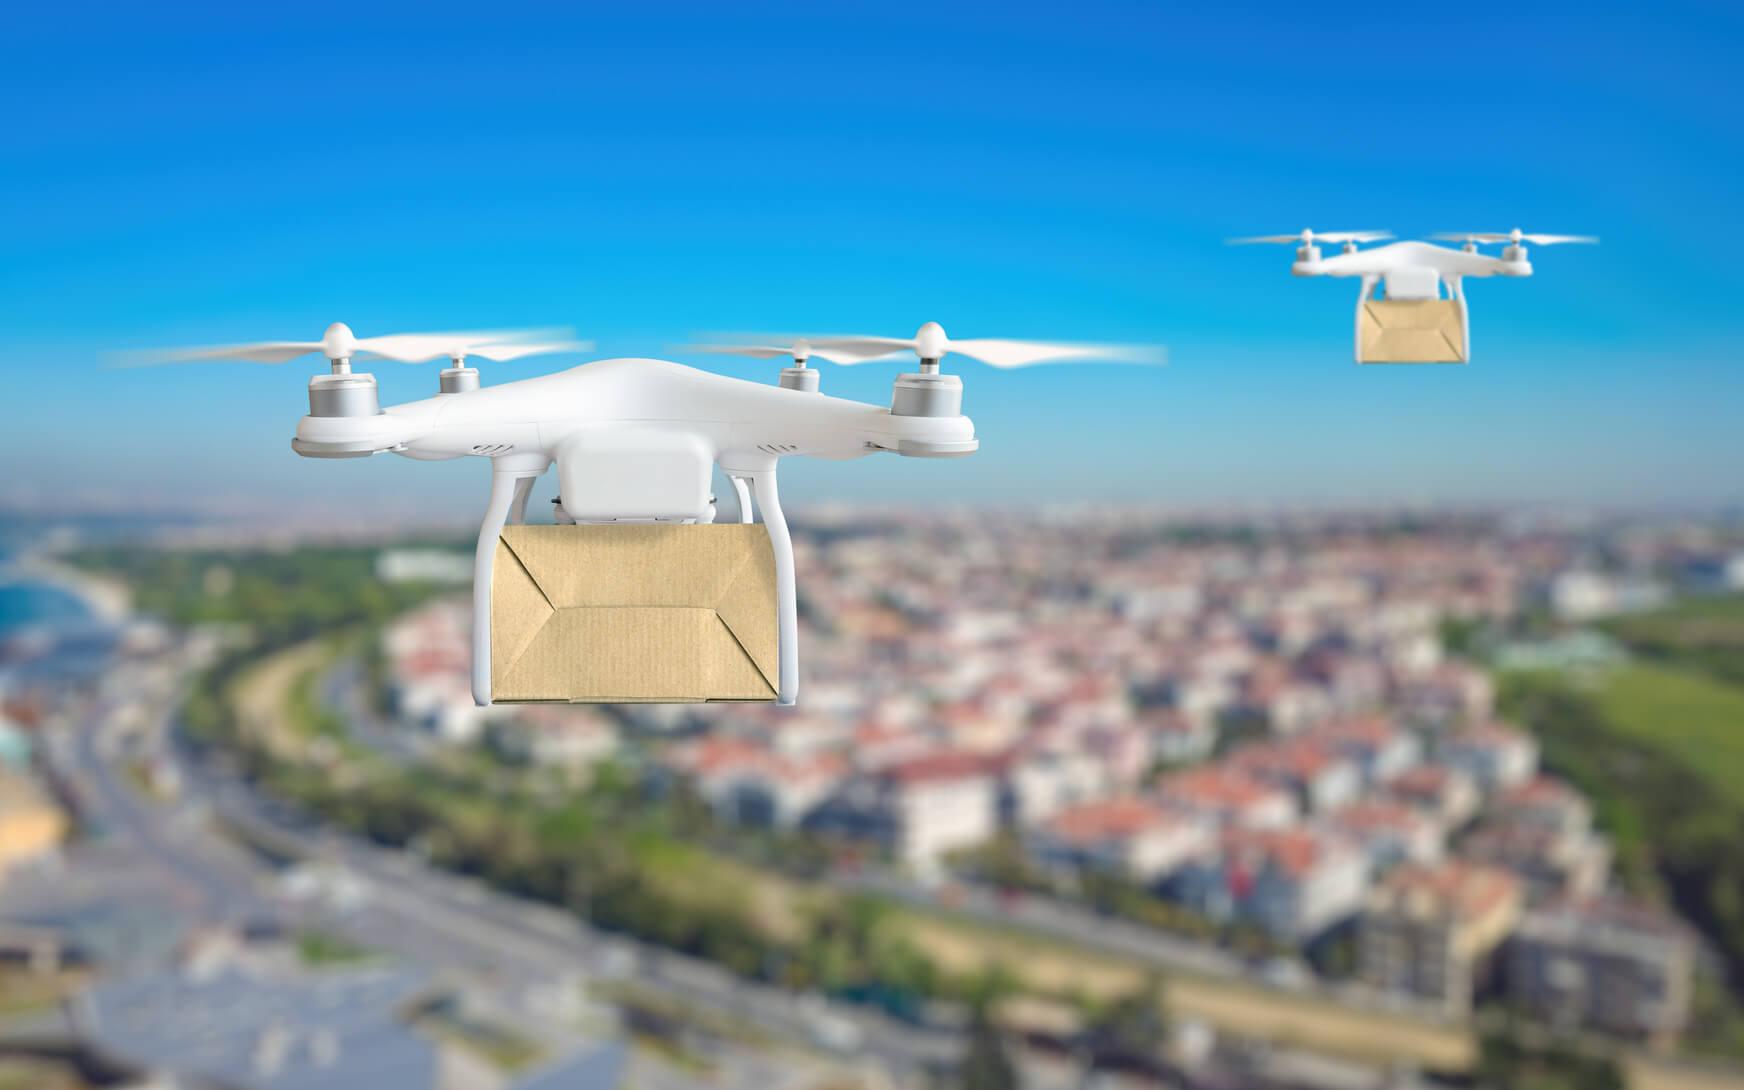 Drohnen fliegen ueber Stadt